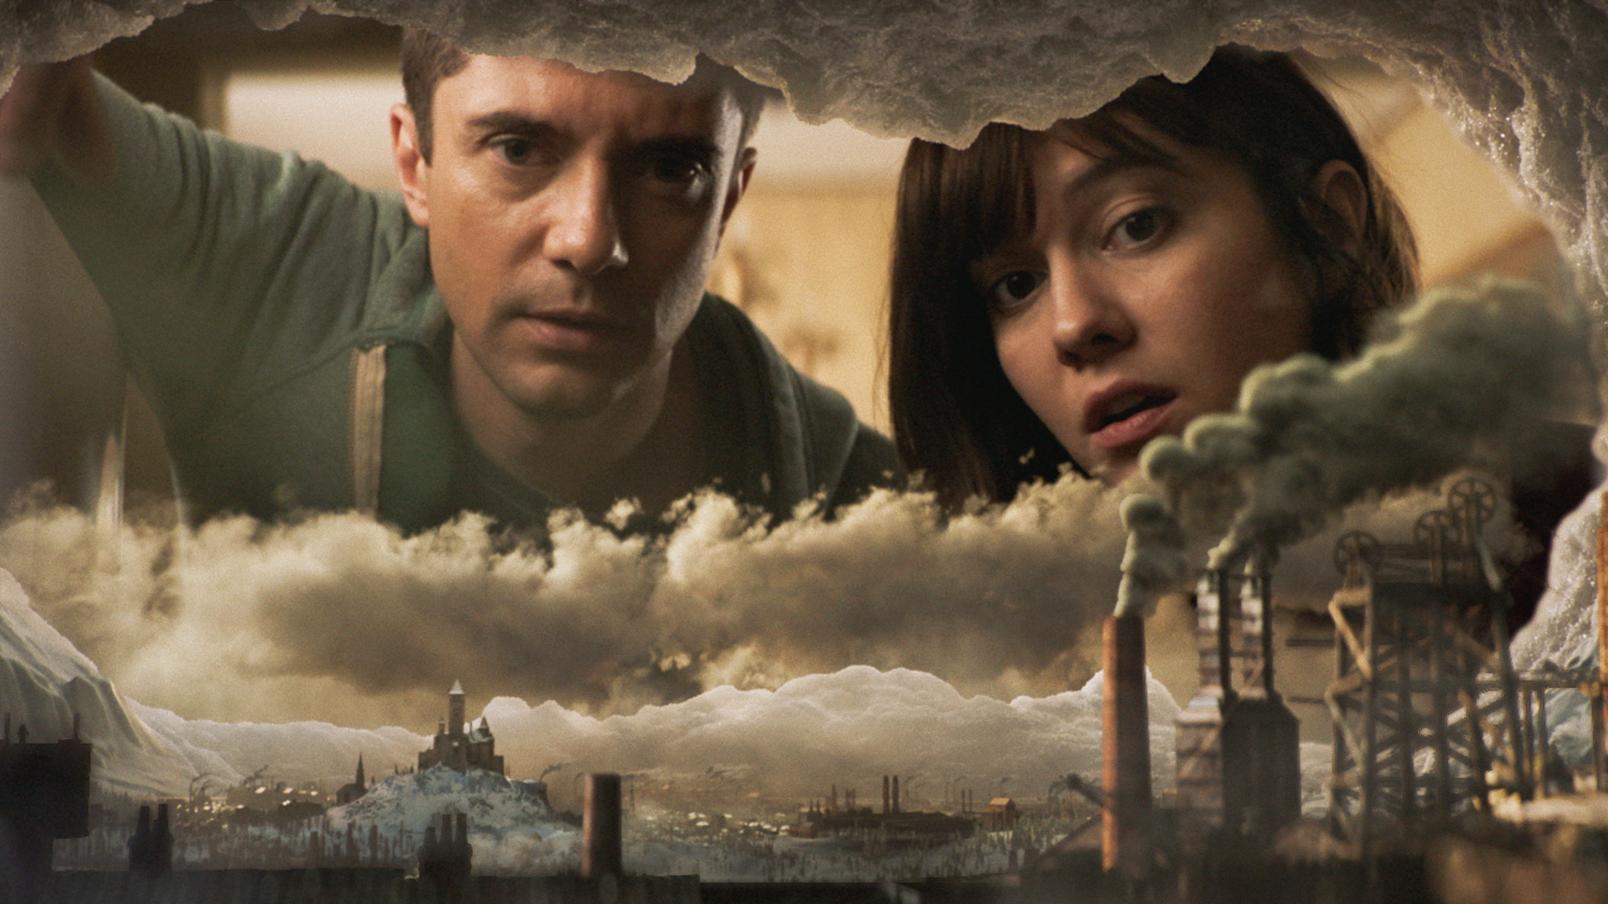 Ein Mann und eine Frau blicken auf eine Miniaturstadt